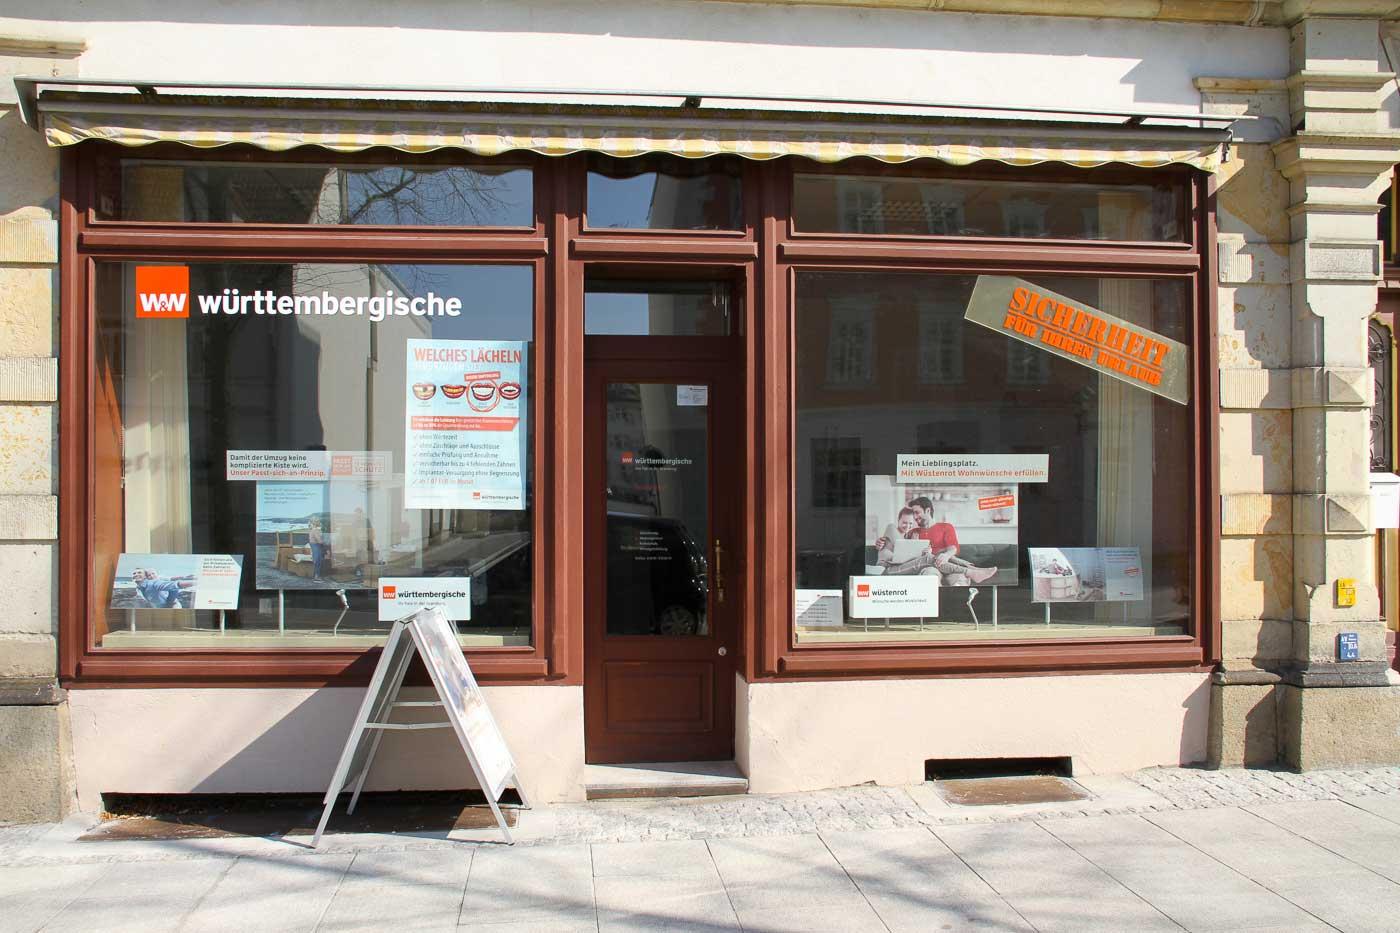 Wuerttembergische-Versicherung